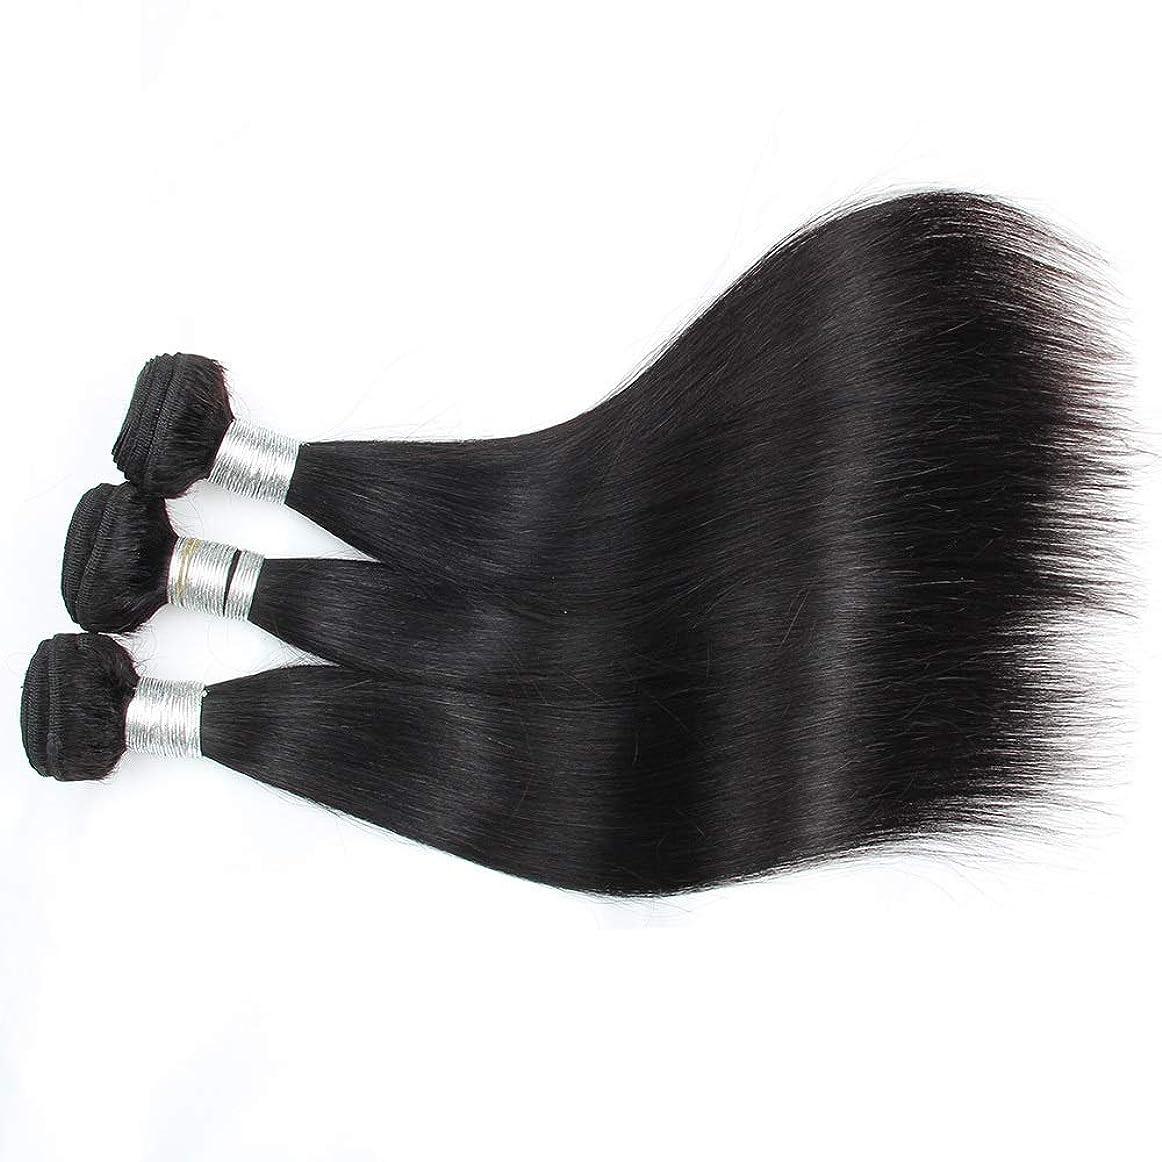 脅迫落ち込んでいる慣らすBOBIDYEE ブラジルの人間の髪織り1バンドル100%人毛エクステンションナチュラルブラックカラー横糸10-28インチロングストレートヘアウィッグウィッグ (色 : 黒, サイズ : 14 inch)